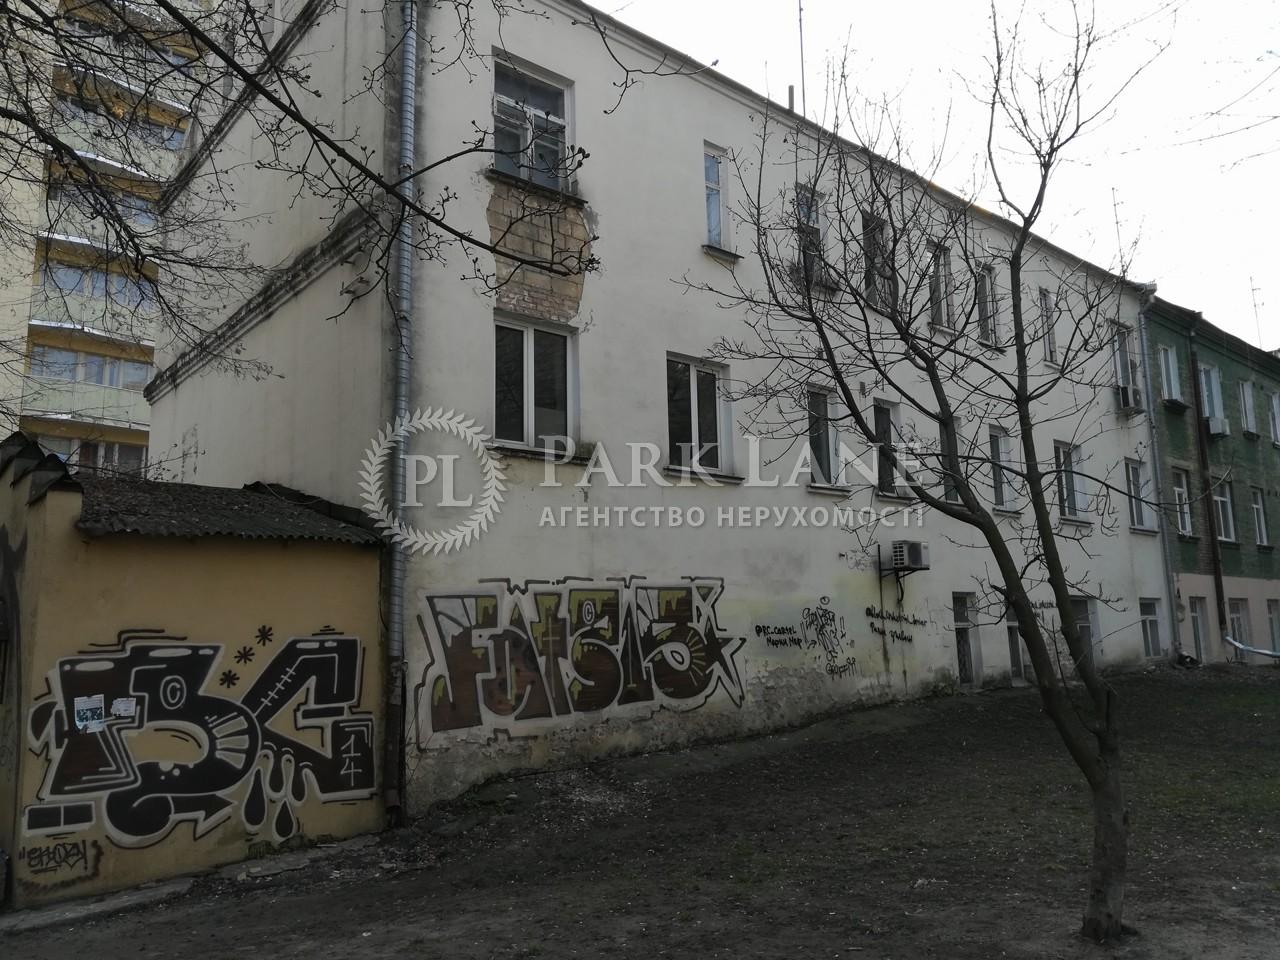 Нежилое помещение, ул. Дмитриевская, Киев, K-27702 - Фото 10